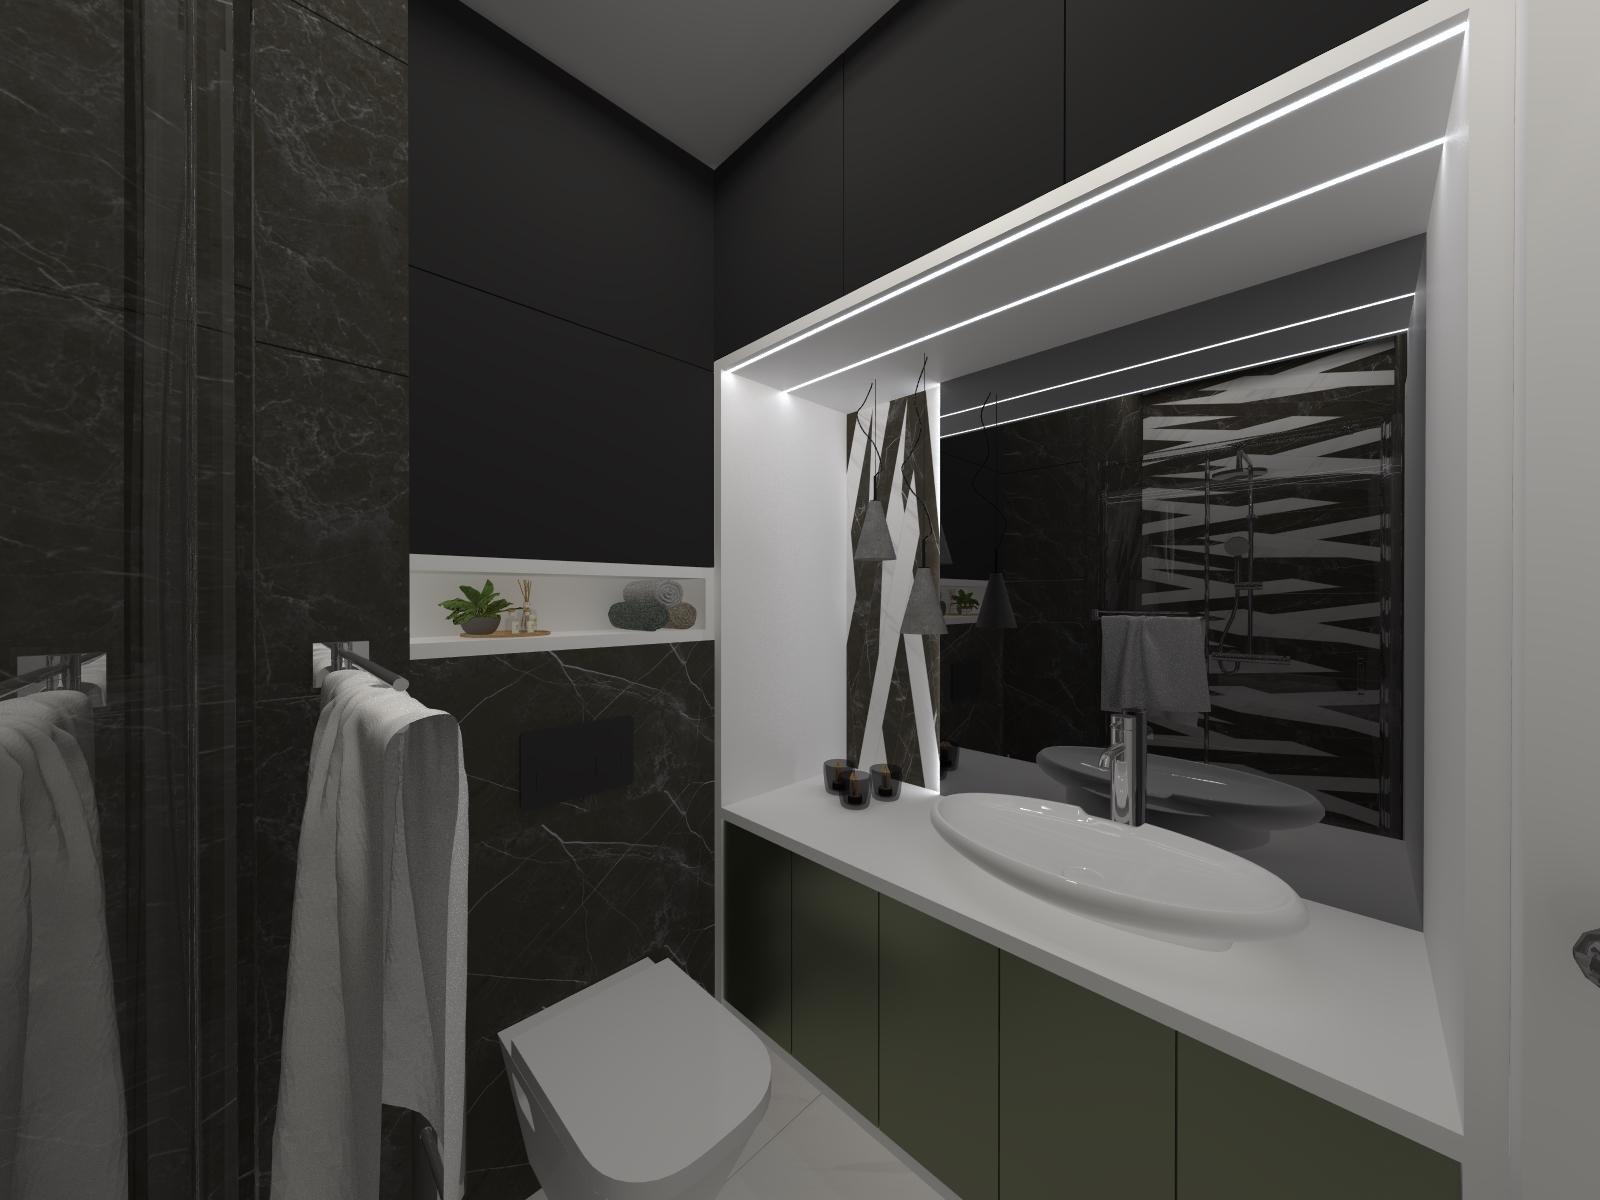 łazienka Czarny Biały Marmur światło Lustro Duże